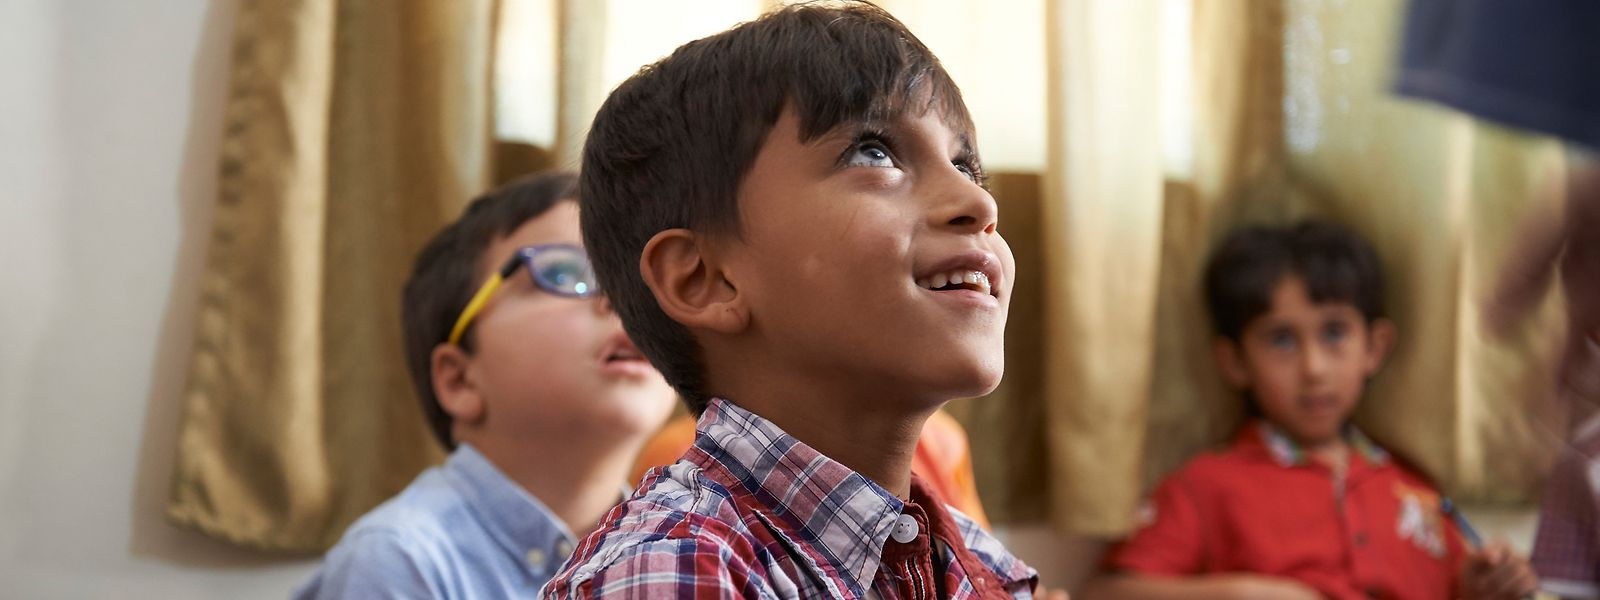 Plus de la moitié des élèves du pays ont des origines étrangères, poussant le gouvernement à diversifier ses offres pédagogiques.